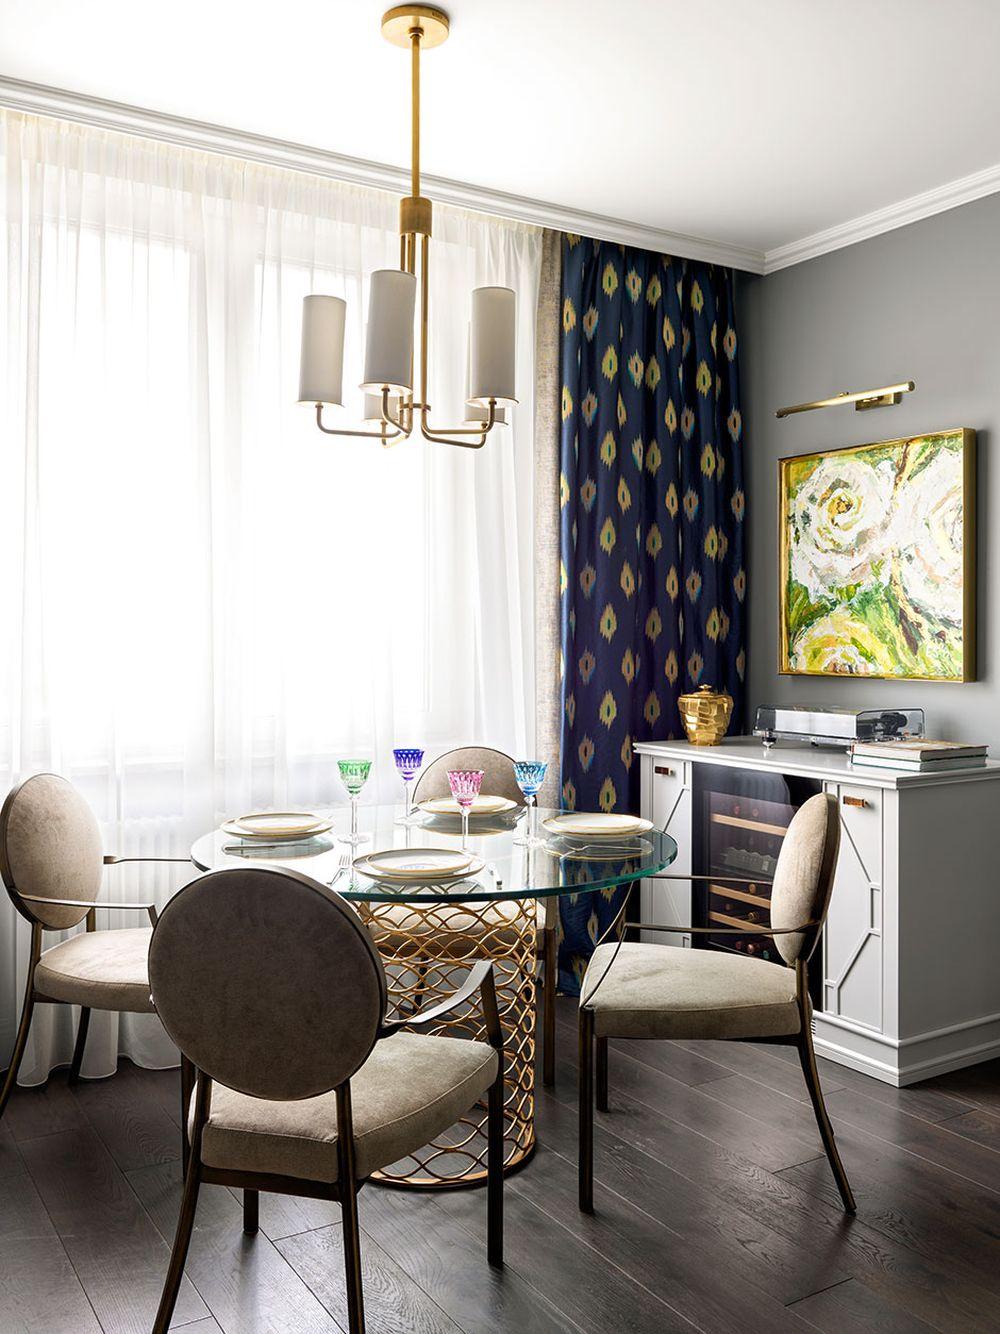 adelaparvu.com despre apartament elegant 90 mp, Moscova, designer Zhenya Zhdanova, Foto Maria Irinarkhova si Stephan Julliard (8)